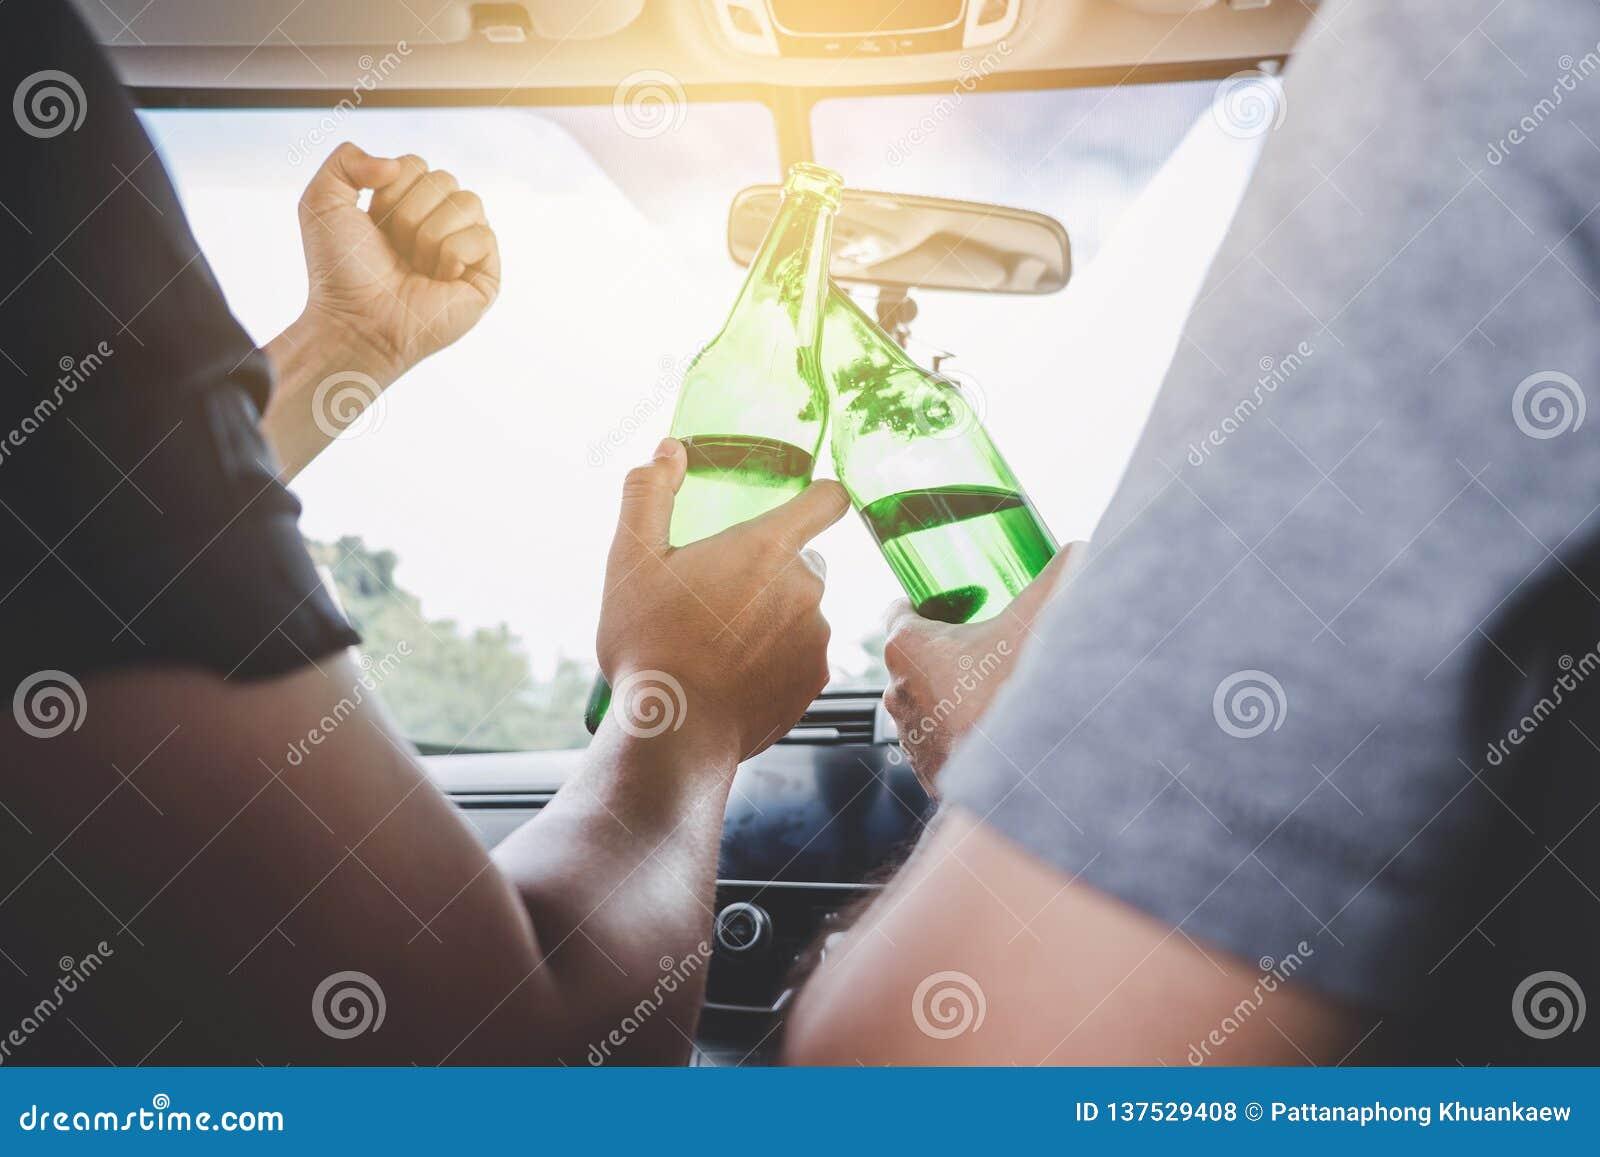 Drijvend onder de invloed krijg in ongeval, Twee Aziatische mensenaandrijving een auto met gedronken een fles bieralcohol achter